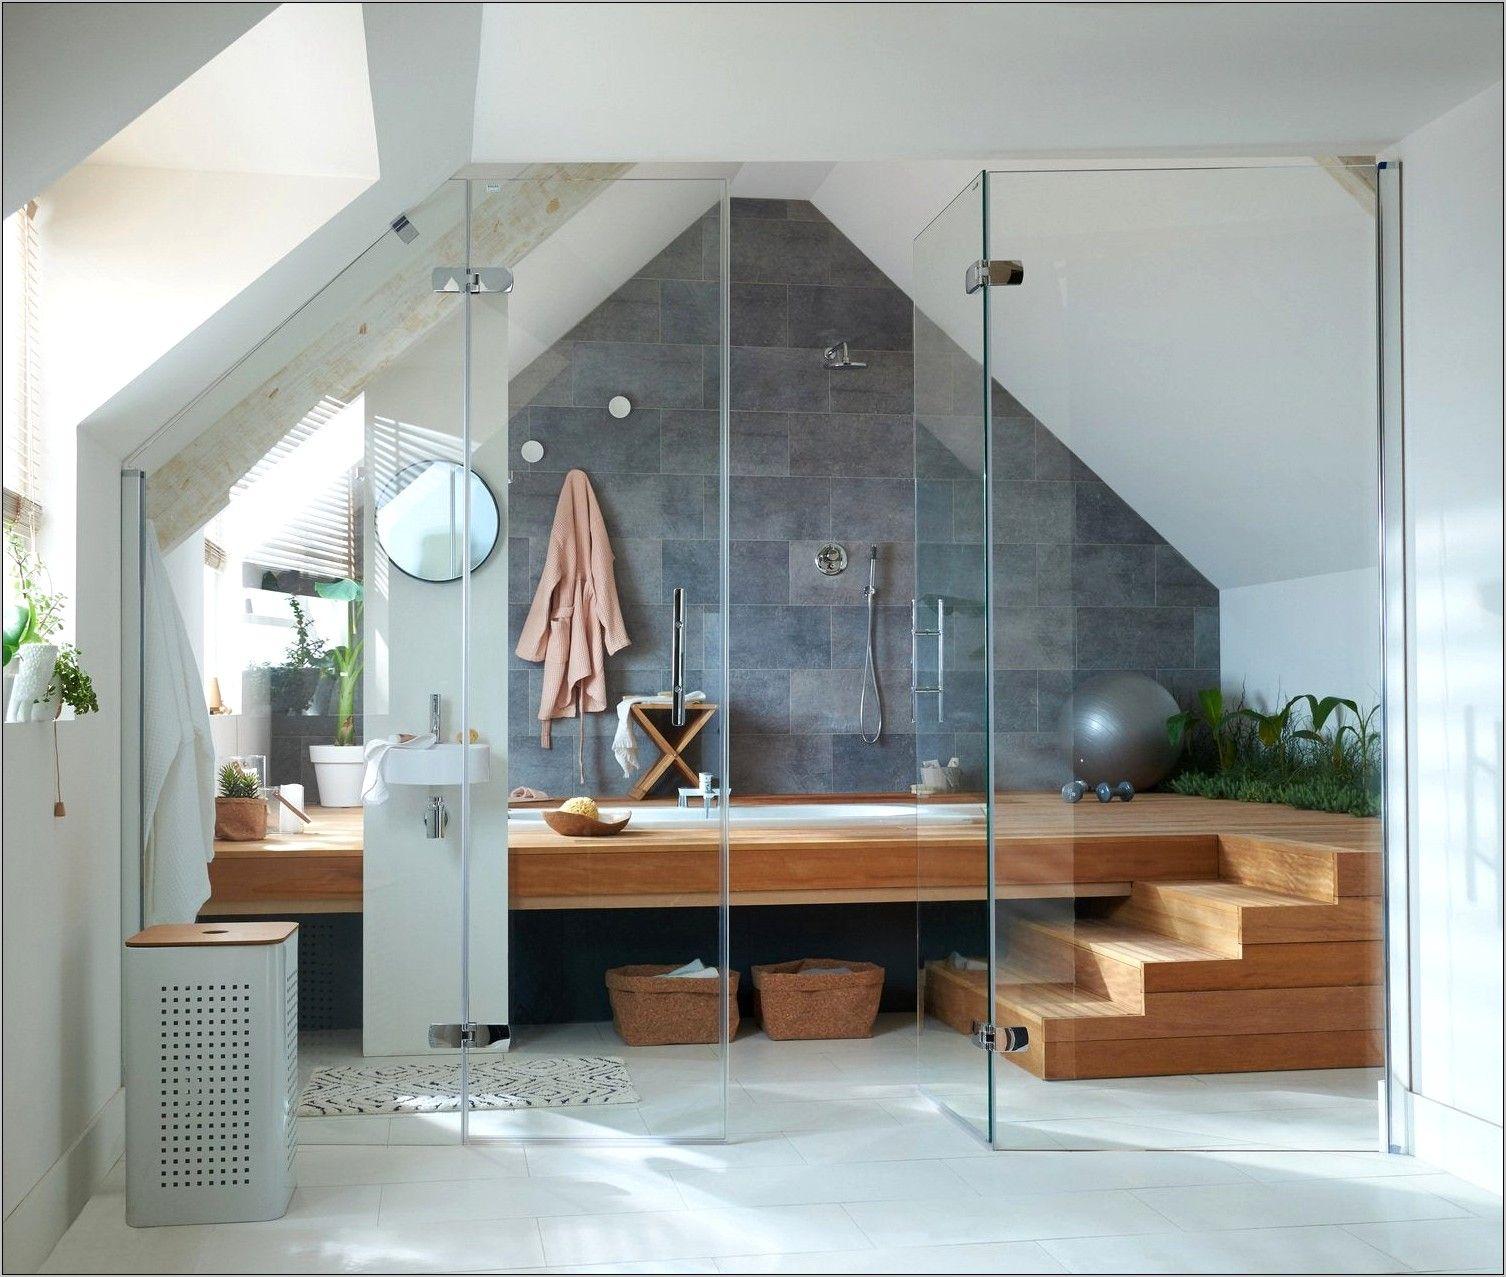 Idee De Salle De Bain 10m2 Zen In 2020 Haus Zimmereinrichtung Badezimmer Renovieren